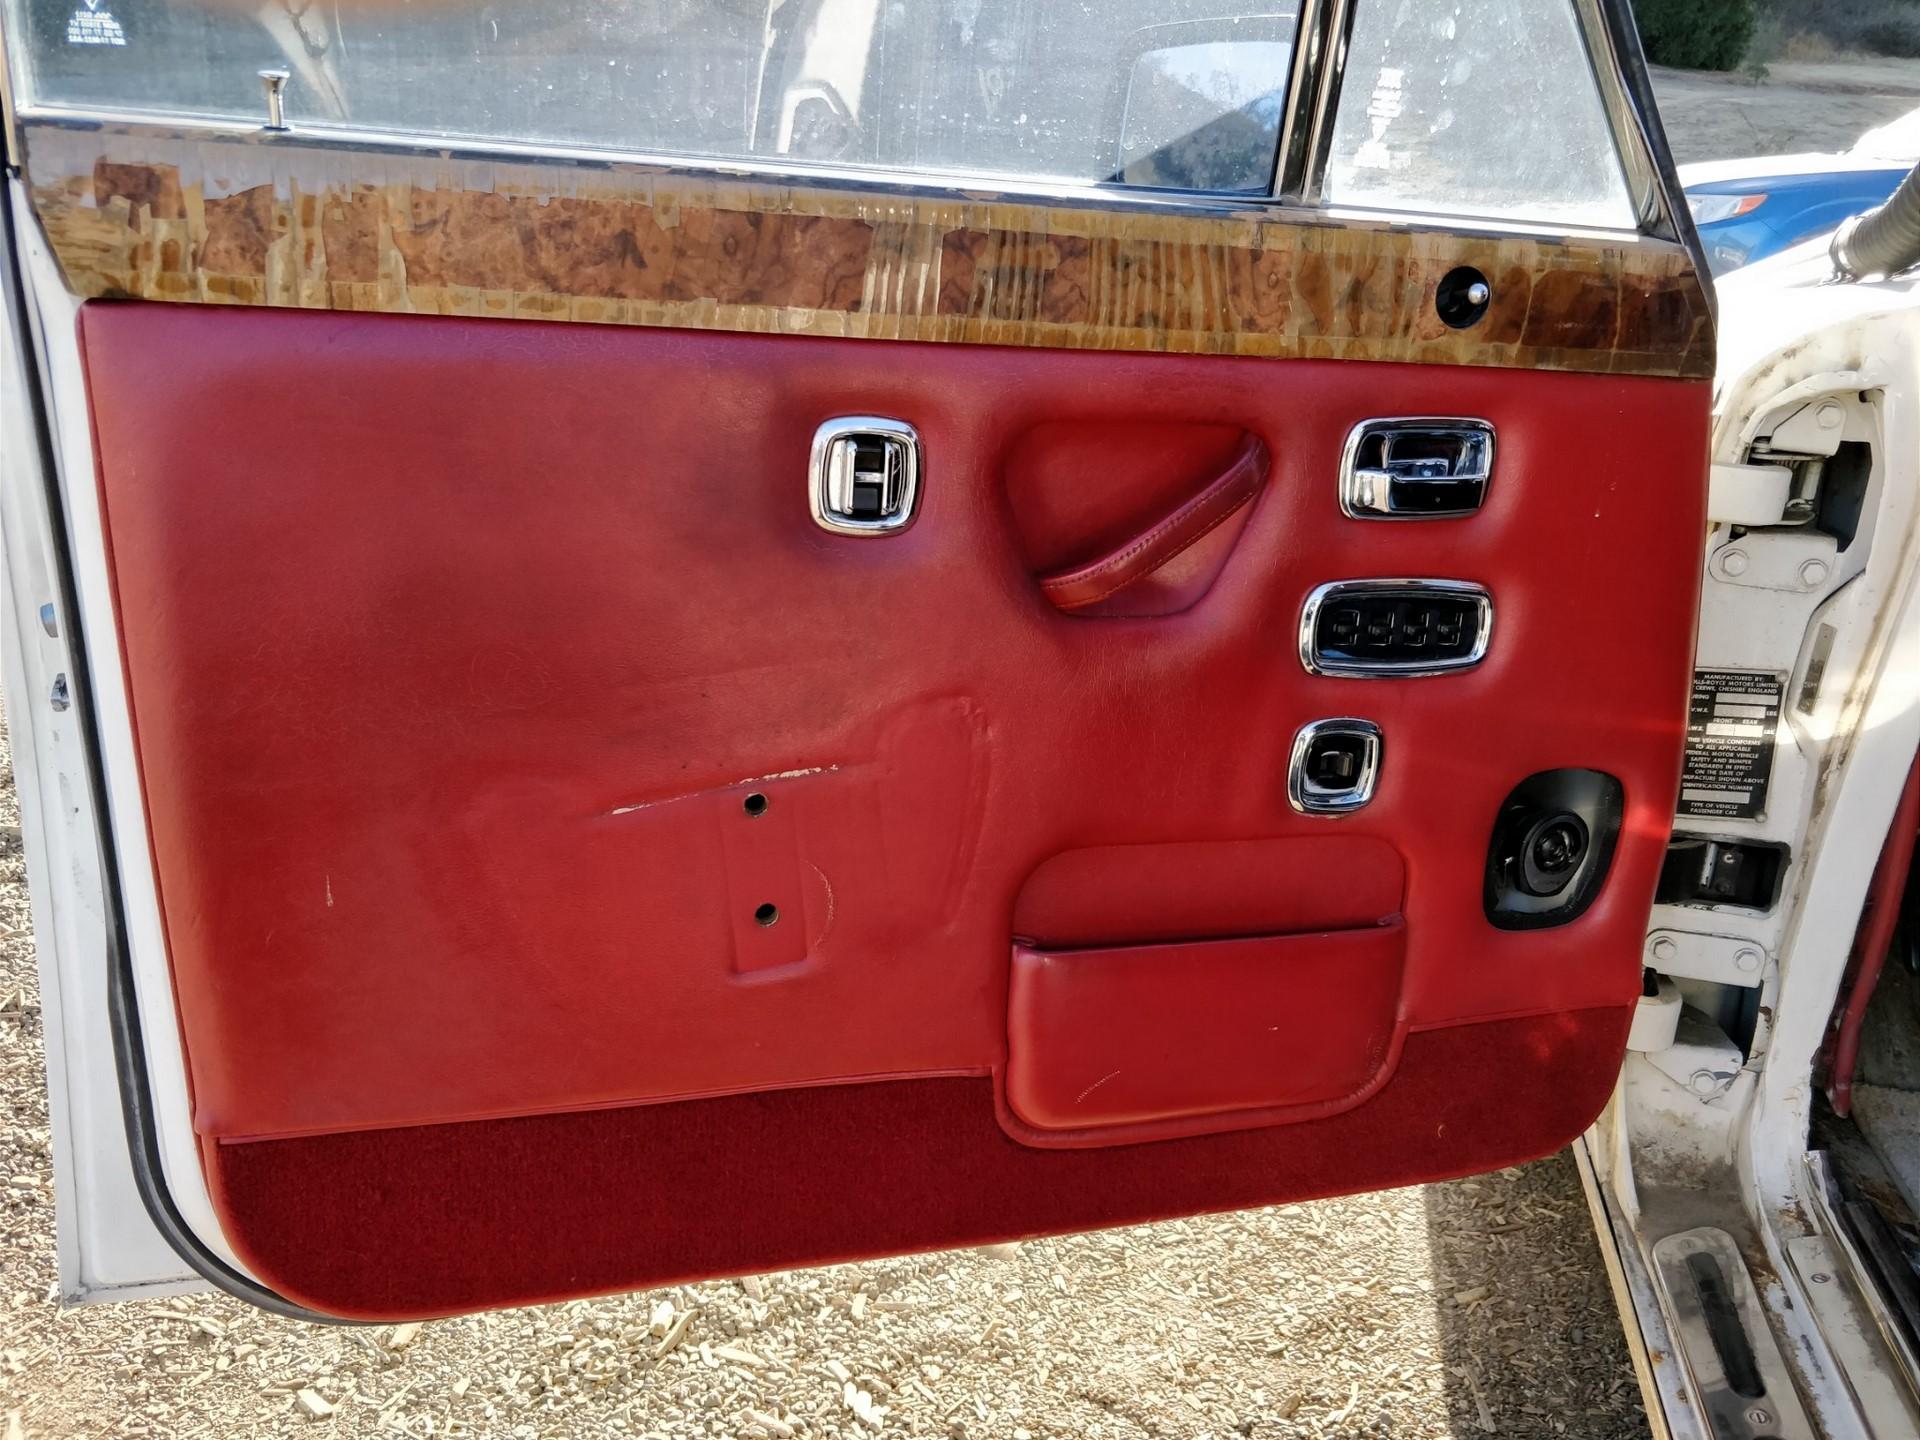 Rolls Royce Silver Shadow II for sale (21)